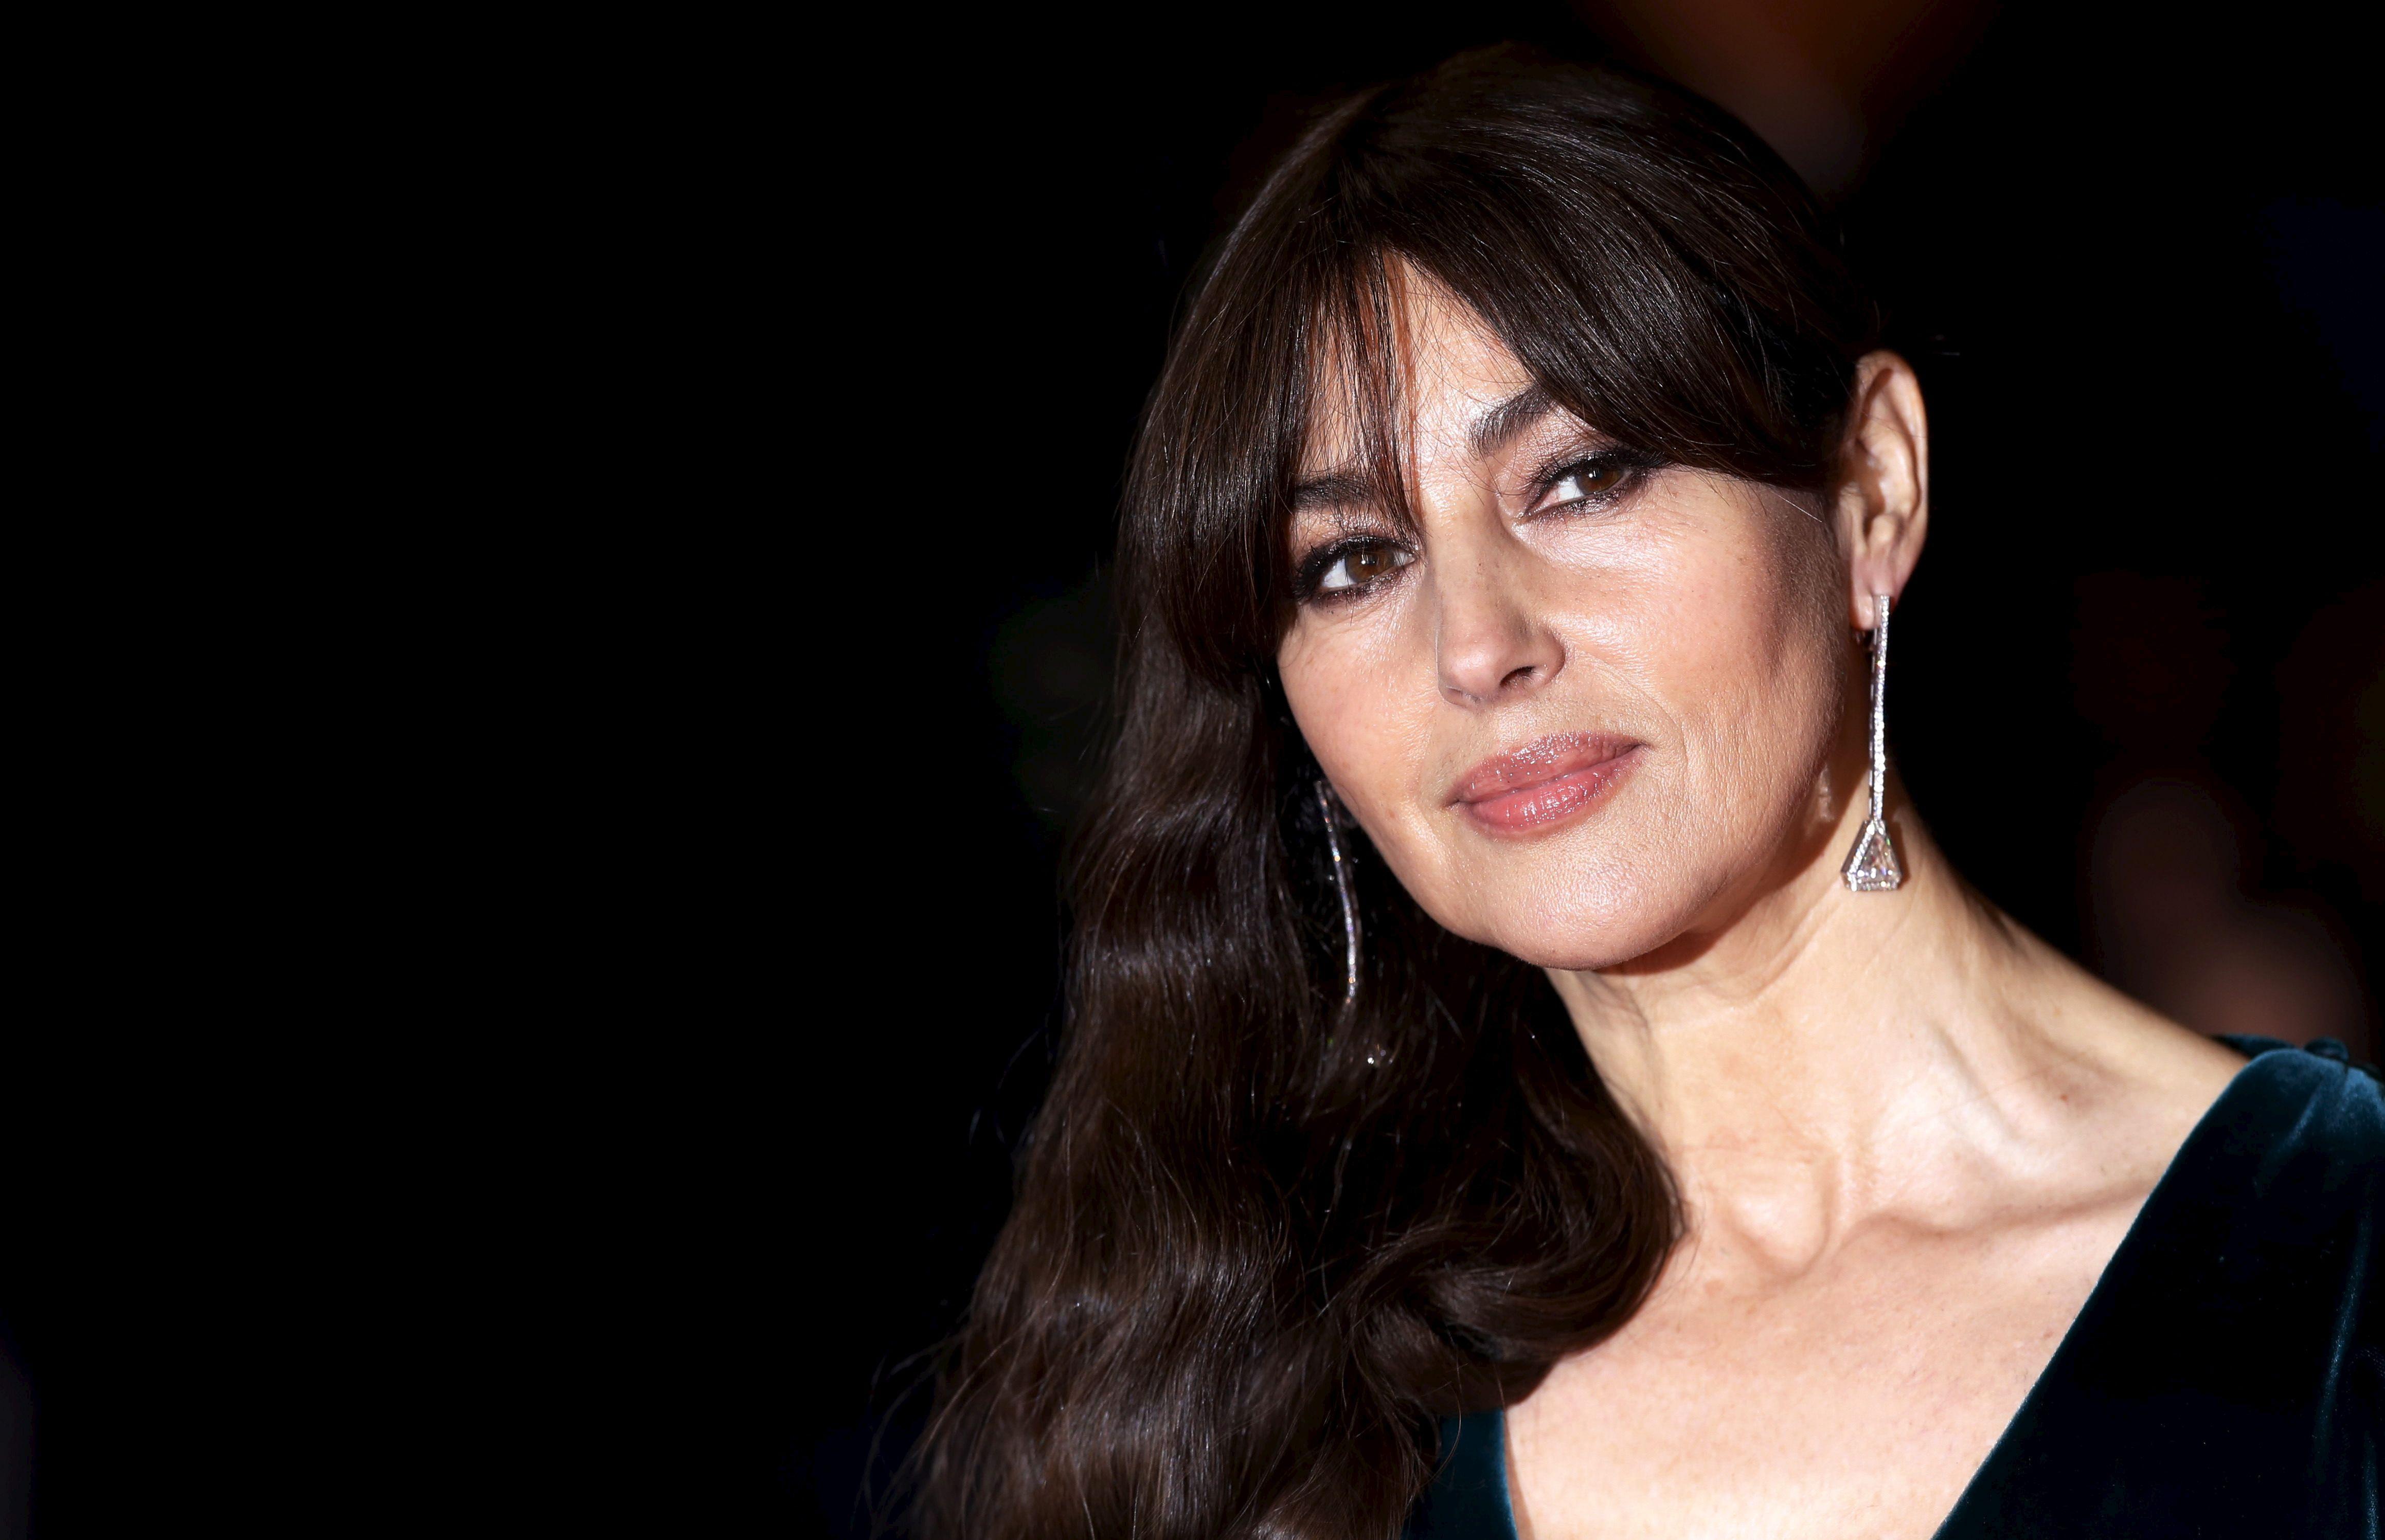 L'actrice Monica Bellucci a eu ses deux enfants après 40 ans.